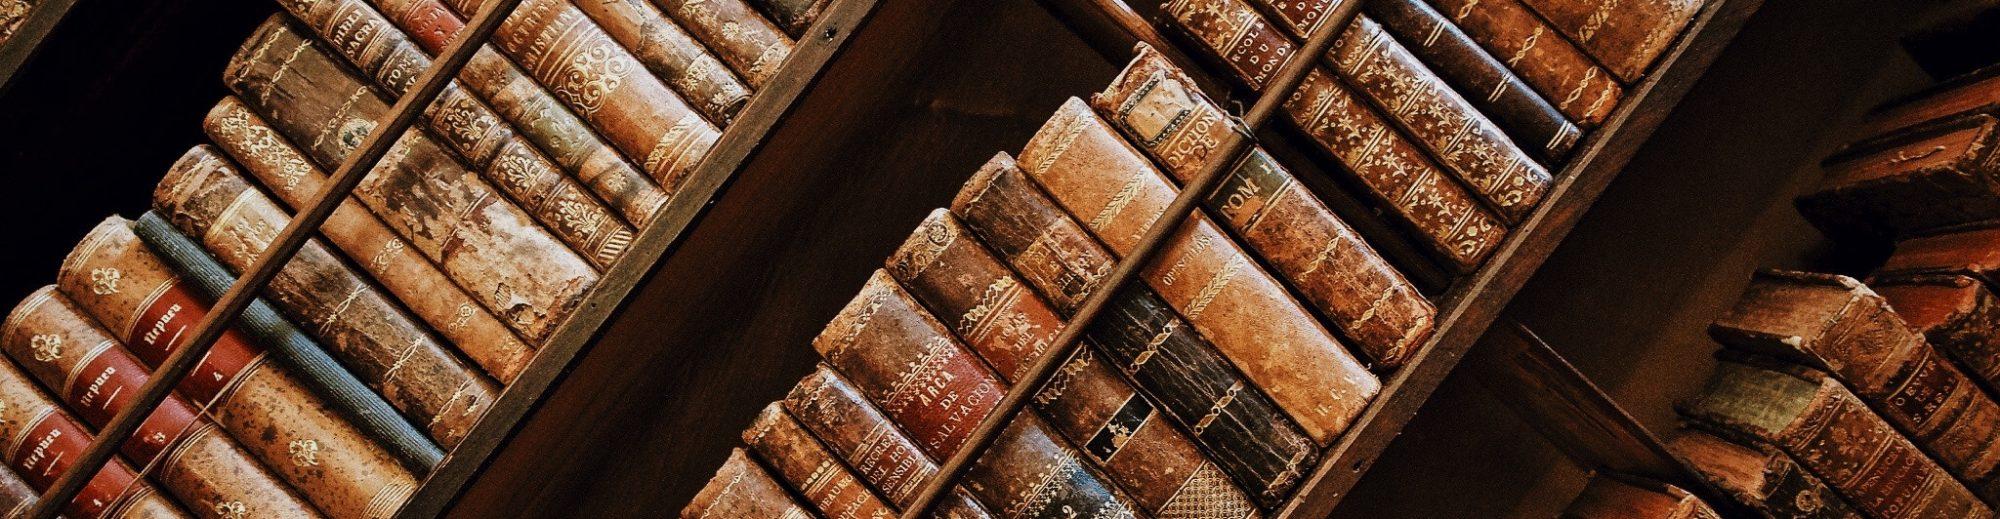 Jász-Nagykun-Szolnok megyei könyvtári vademecum